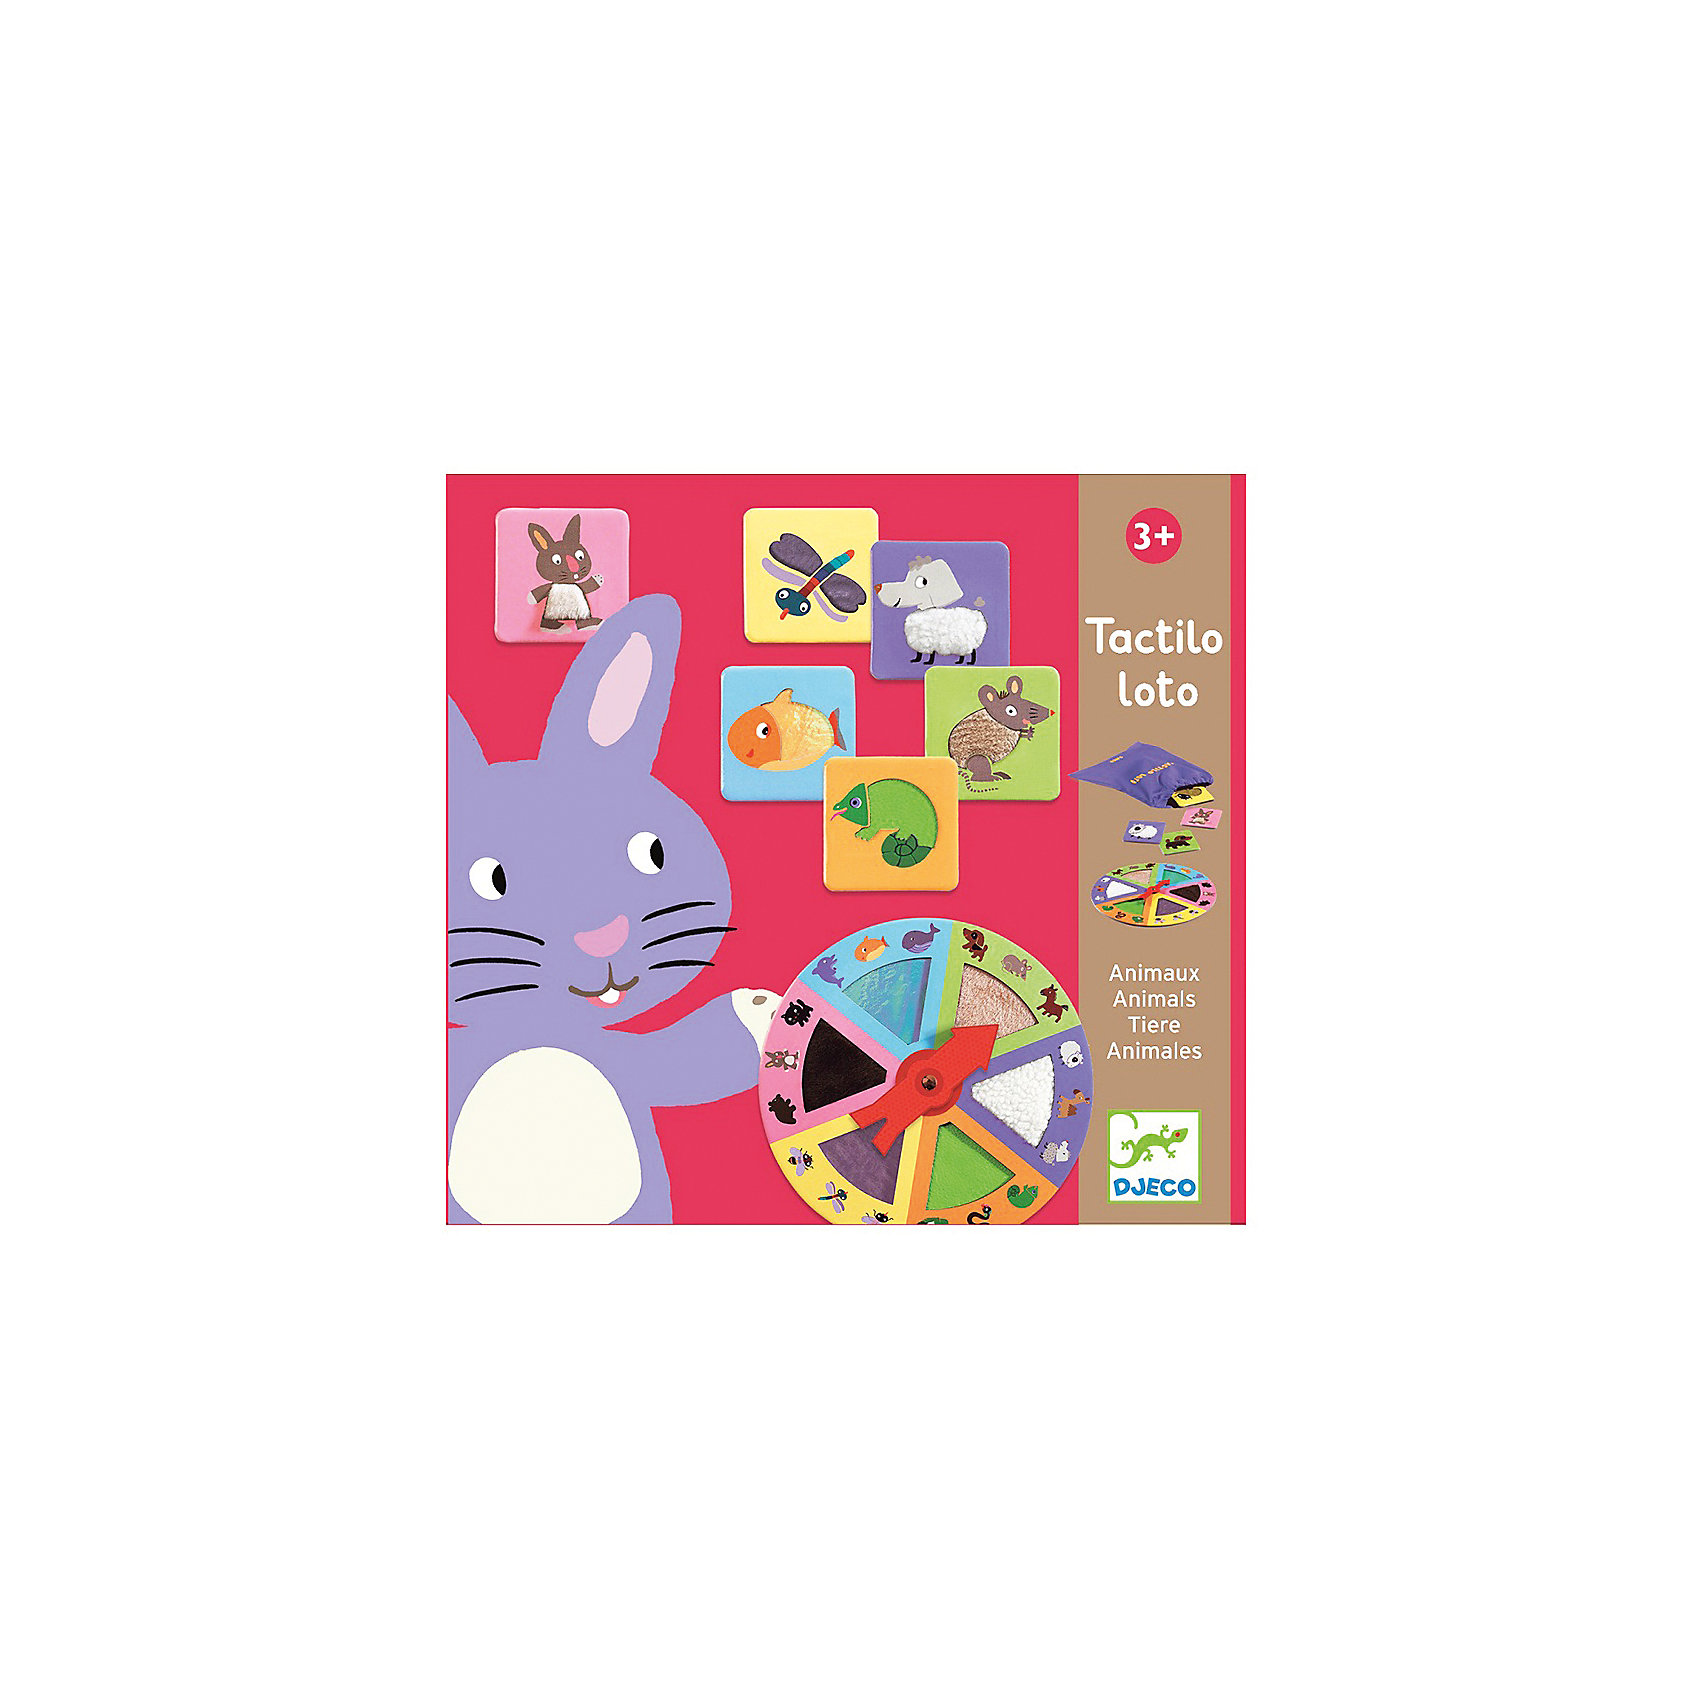 Игра Тактильное лото Животные, DJECOЛото<br>Тактильное лото - веселая познавательная игра для  развитие мелкой моторики и логического мышления. Цель игры  Тактильное лото Животные, DJECO (Джеко) найти на ощупь в мешочке материалы, указанные на рулетке. <br><br>Как играть: все карточки с животными кладутся в мешочек. Первый игрок (обычно самый младший) крутит стрелку на рулетке. Она останавливается на определенном материале. Если стрелка остановилась между двумя секторами, игрок снова запускает рулетку. Затем он запускает руку в мешочек, чтобы найти на ощупь карточку, материал которой выпал на рулетке. <br><br>Если он считает, что нашел ее, он вытаскивает карточку и показывает ее другим игрокам. Как считать очки: если карточка соответствует материалу, который искал игрок, то он сохраняет  у себя карточку как выигранное очко. Стрелку крутит следующий игрок. Карточка не соответствует - кладет ее назад в мешочек и проиводится переход хода. <br><br>Если в мешочке больше нет карт с текстурой поверхности, соответствующей указанному сектору, то игрок снова запускает рулетку и повторяет это действие до тех пор, пока не выпадет сектор, для которого в мешочке еще остались карты. <br>Когда мешочек становится пустым, то победителем признается тот игрок, у которого больше всех карточек с животными. <br><br>Самые маленькие могут выбрать упрощенные варианты игры: <br>Дети по очереди вытаскивают карты из мешочка и затем сортируют их по текстуре поверхности. <br>Или  вариант, когда все карты выкладываются на стол, лицевой стороной вверх. Первый игрок запускает рулетку, а затем он должен взять со стола карту с текстурой поверхности, соответствующей сектору, на который указывает рулетка.<br><br>Дополнительная информация:<br><br>В комплекте: 1 рулетка, содержащая 6 различных материалов, 18 карточек с животными с материалами из их шерсти, 1 матерчатый мешочек. <br>Продолжительность игры: 10 минут <br><br>Игру Тактильное лото Животные, DJECO (Джеко) можно купить в нашем магазине.<br><br>Ш